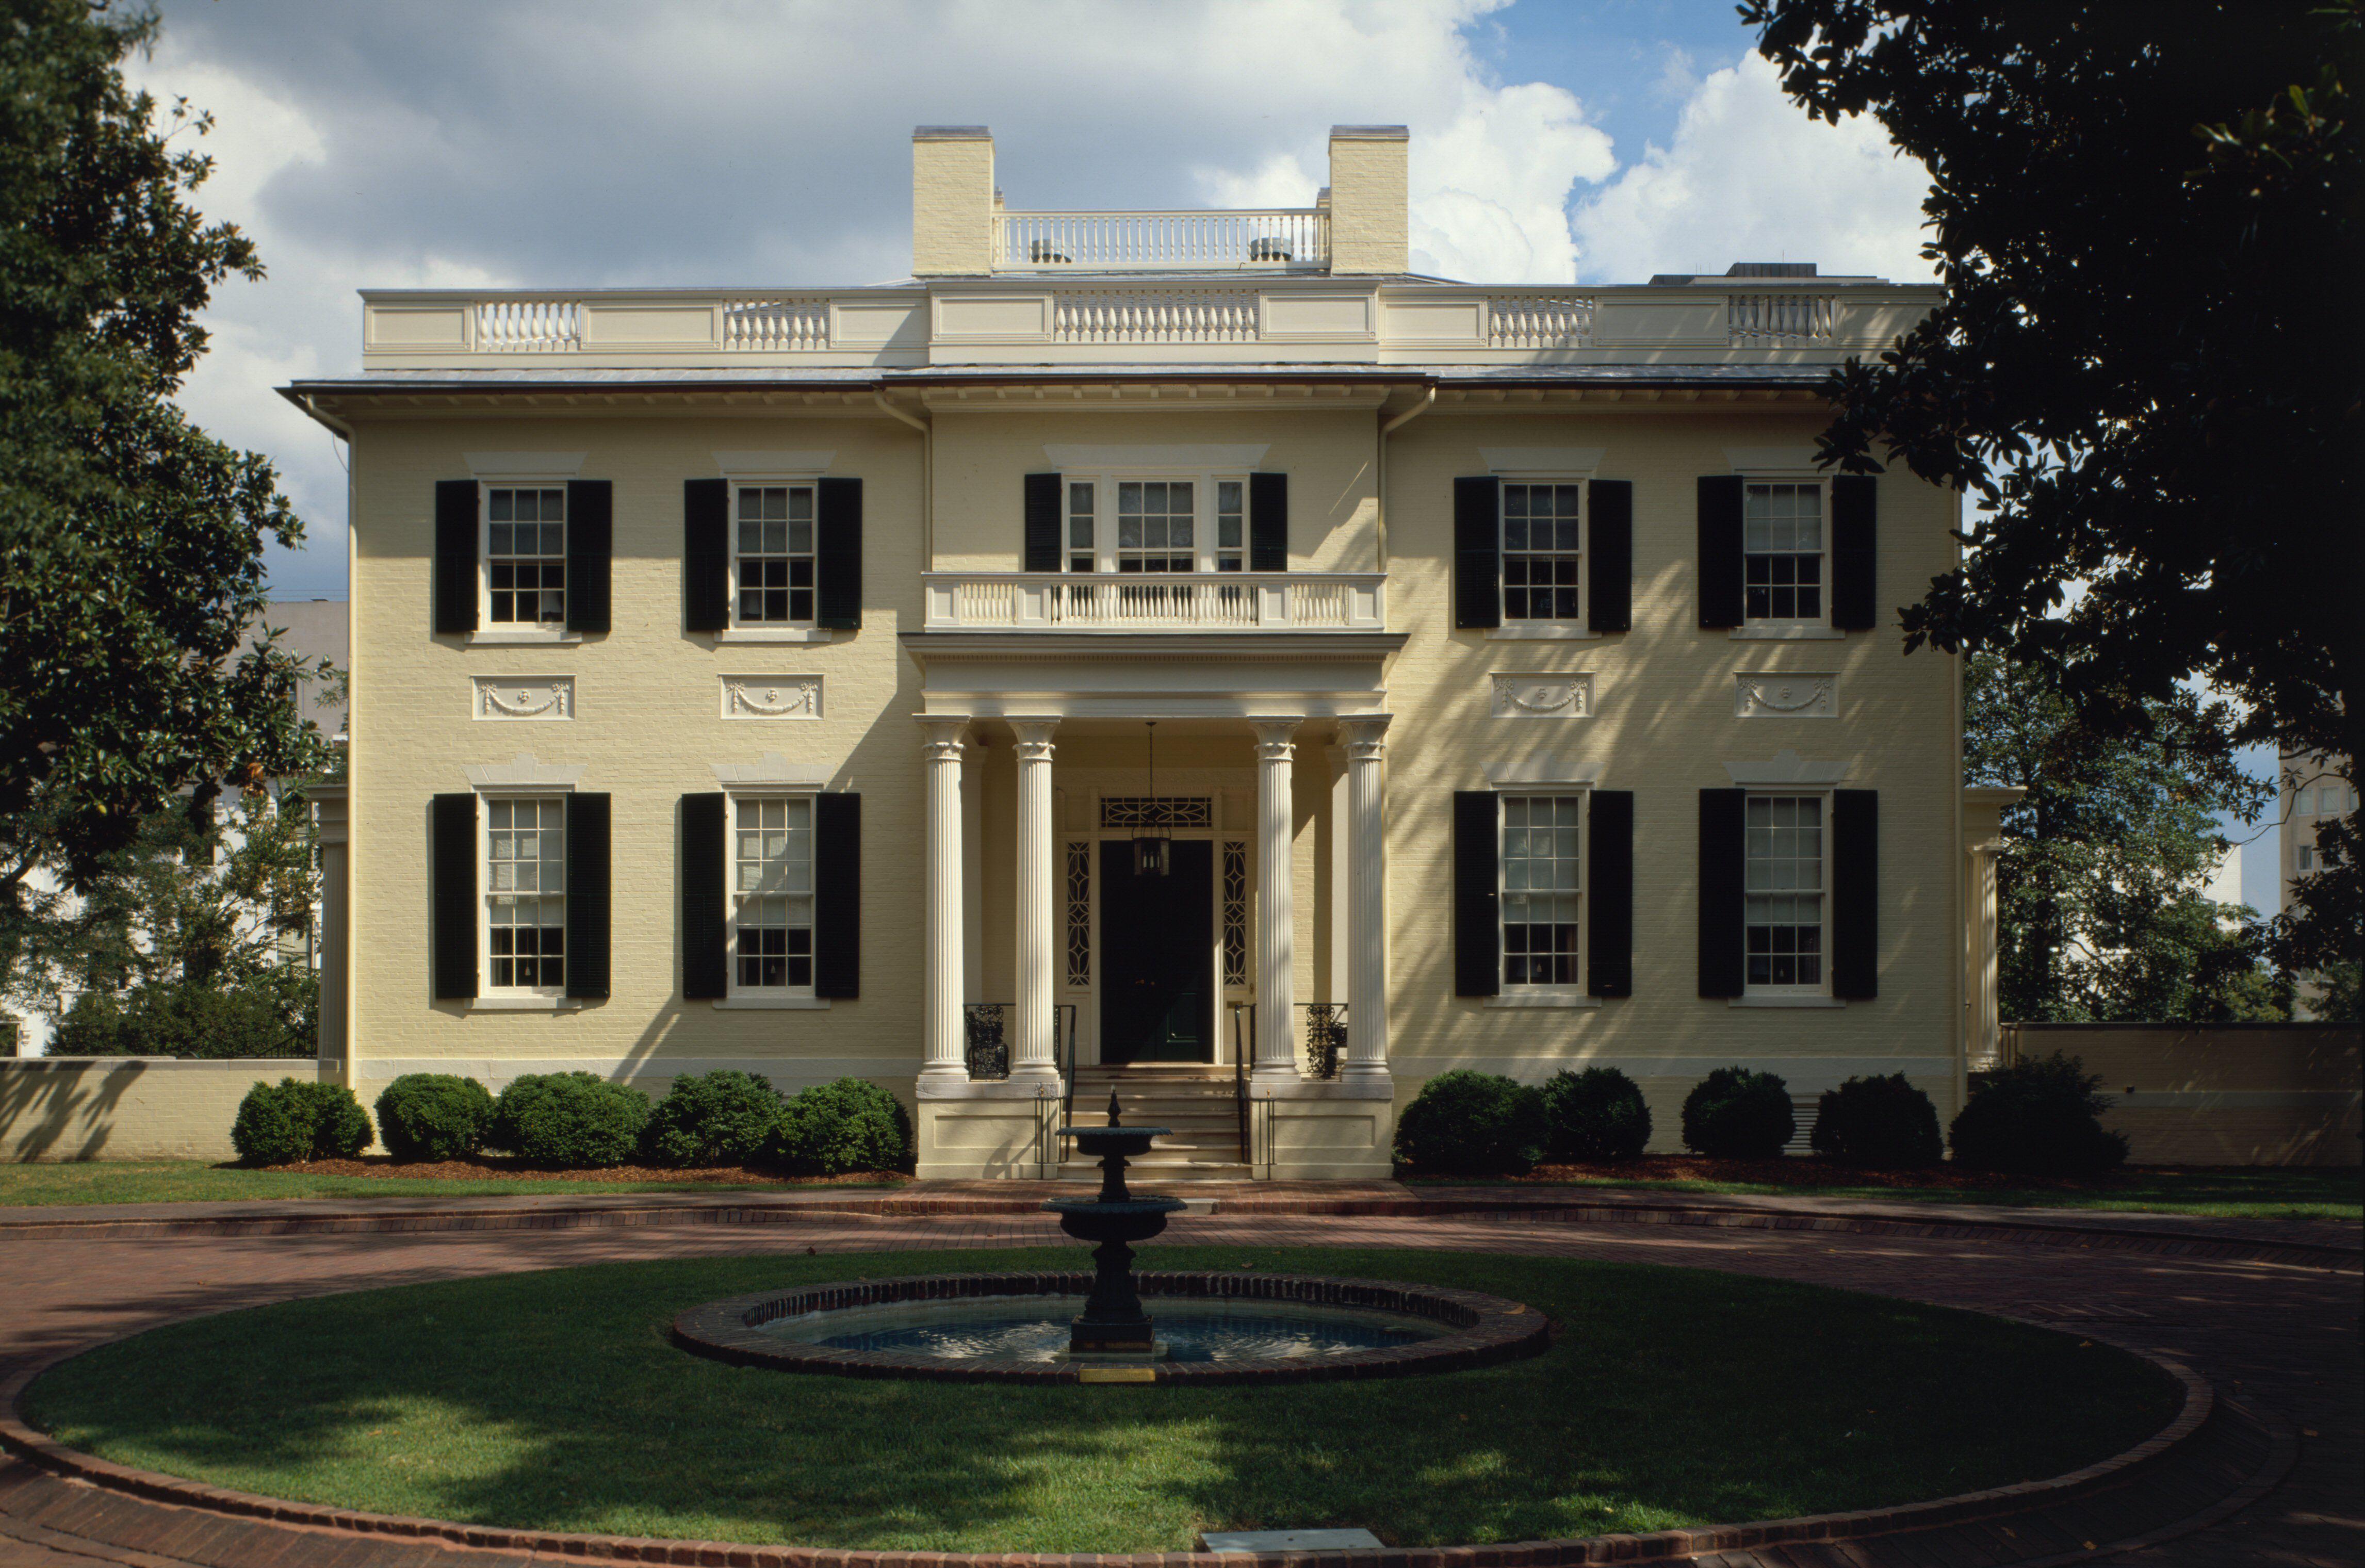 maçonnerie jaune maison à deux étages avec des volets noir, petit portique à colonnes, le toit plat avec garde-corps le long du bord, fontaine hardscape au premier plan